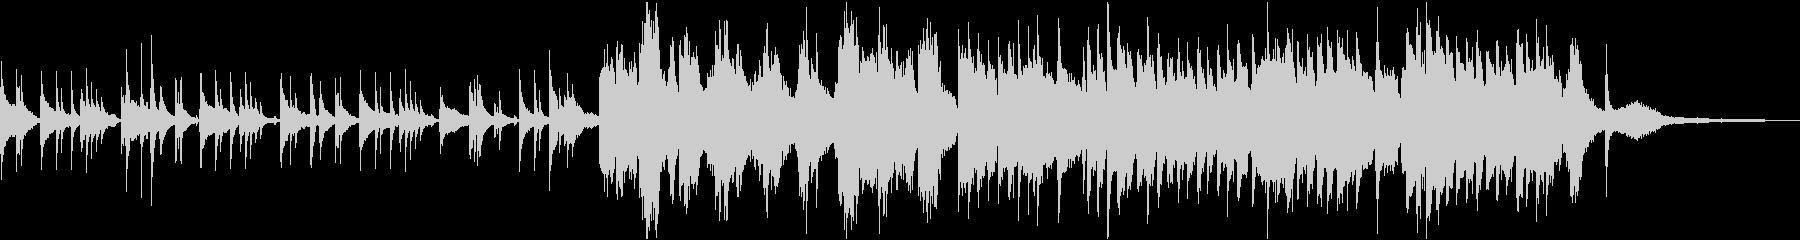 ピアノとヴァイオリンの切ない桜バラードの未再生の波形